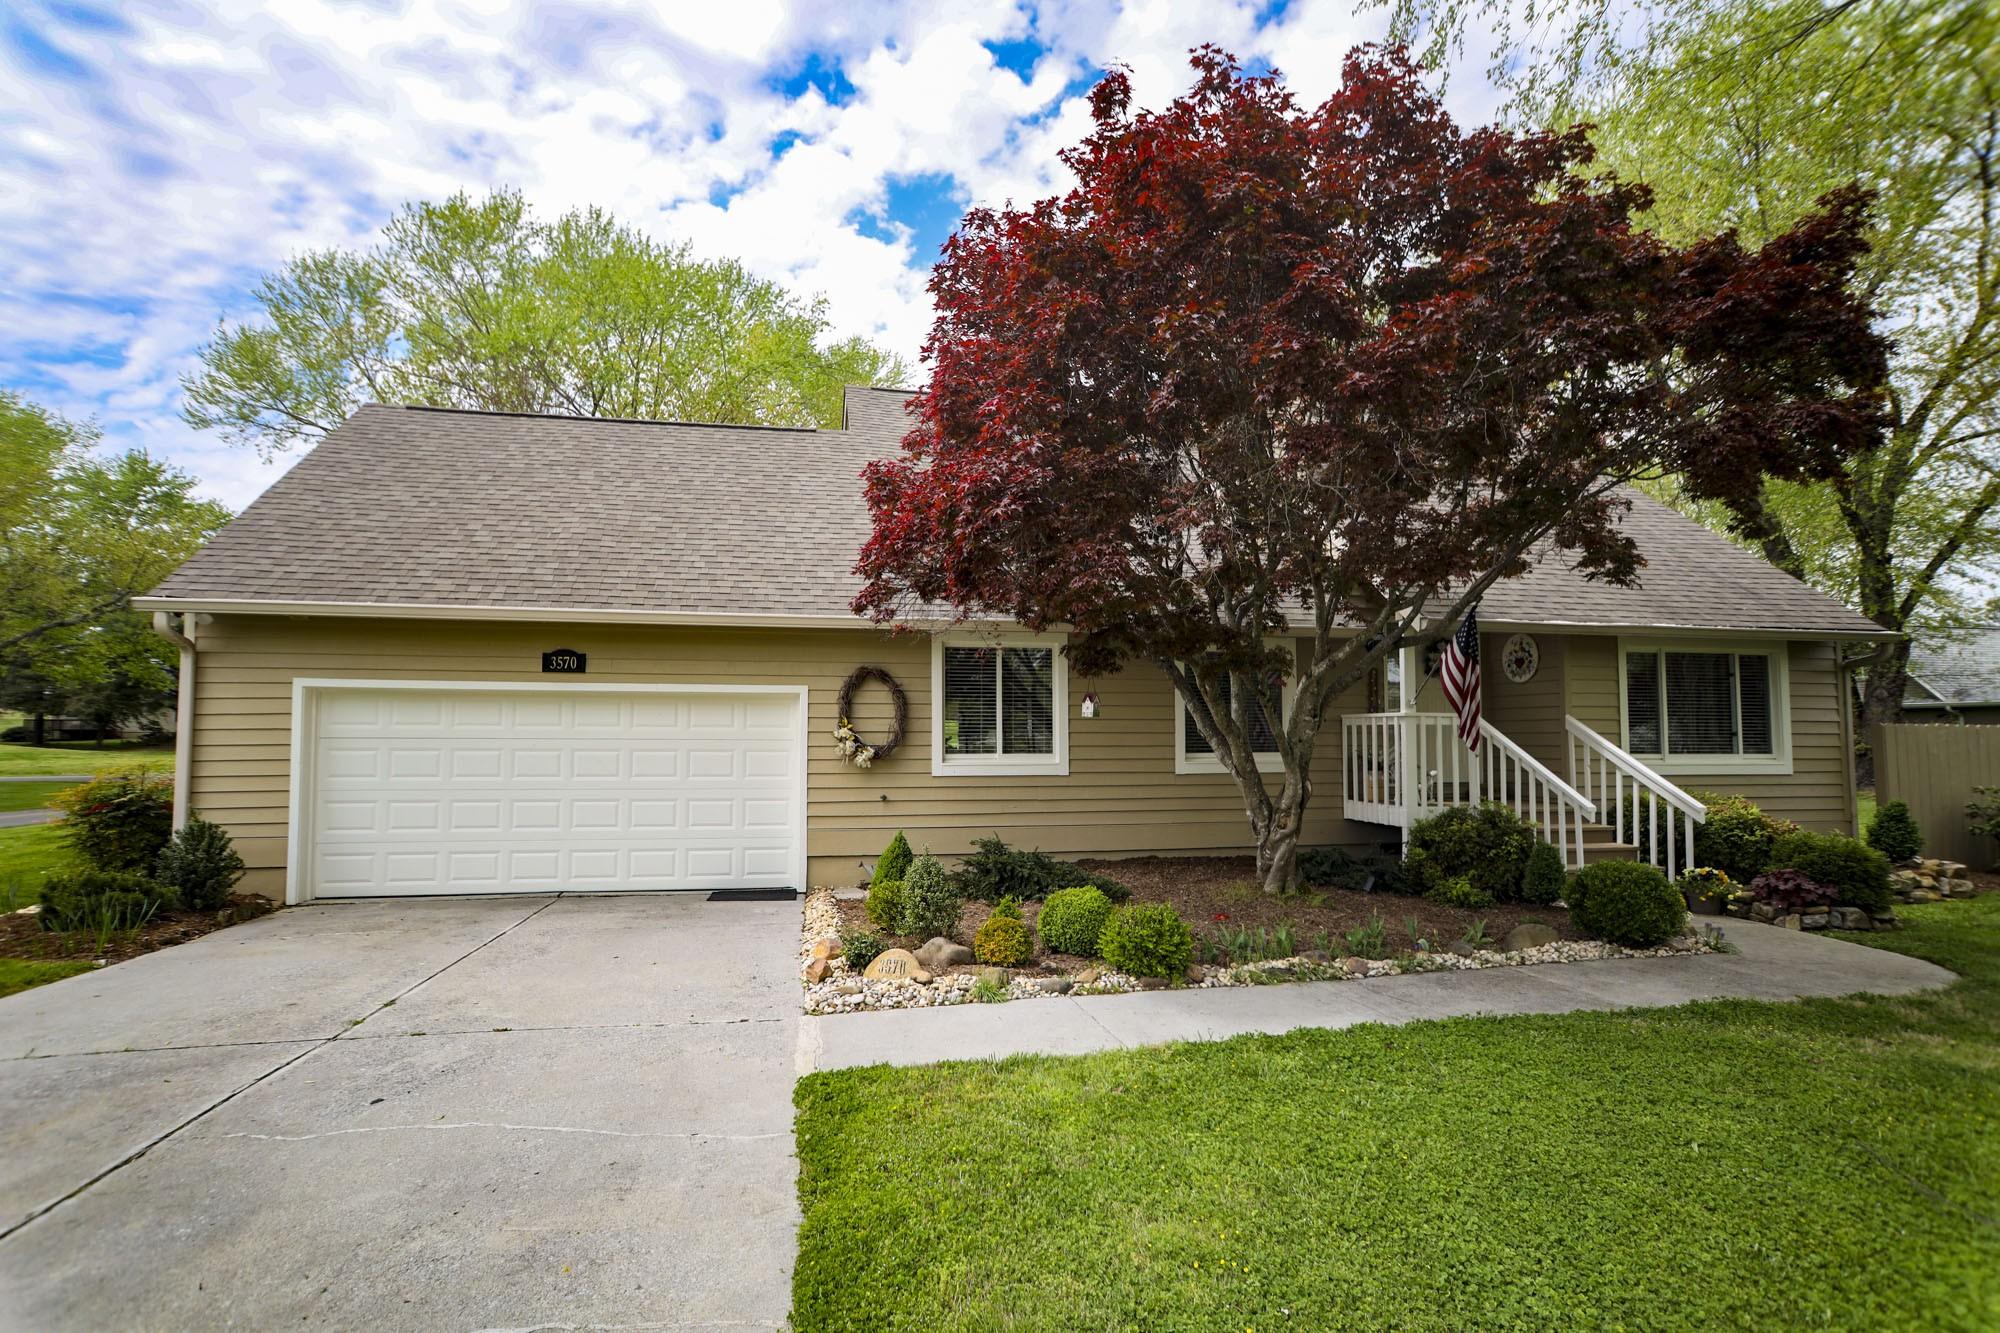 3570 Atherton E Property Photo - White Pine, TN real estate listing